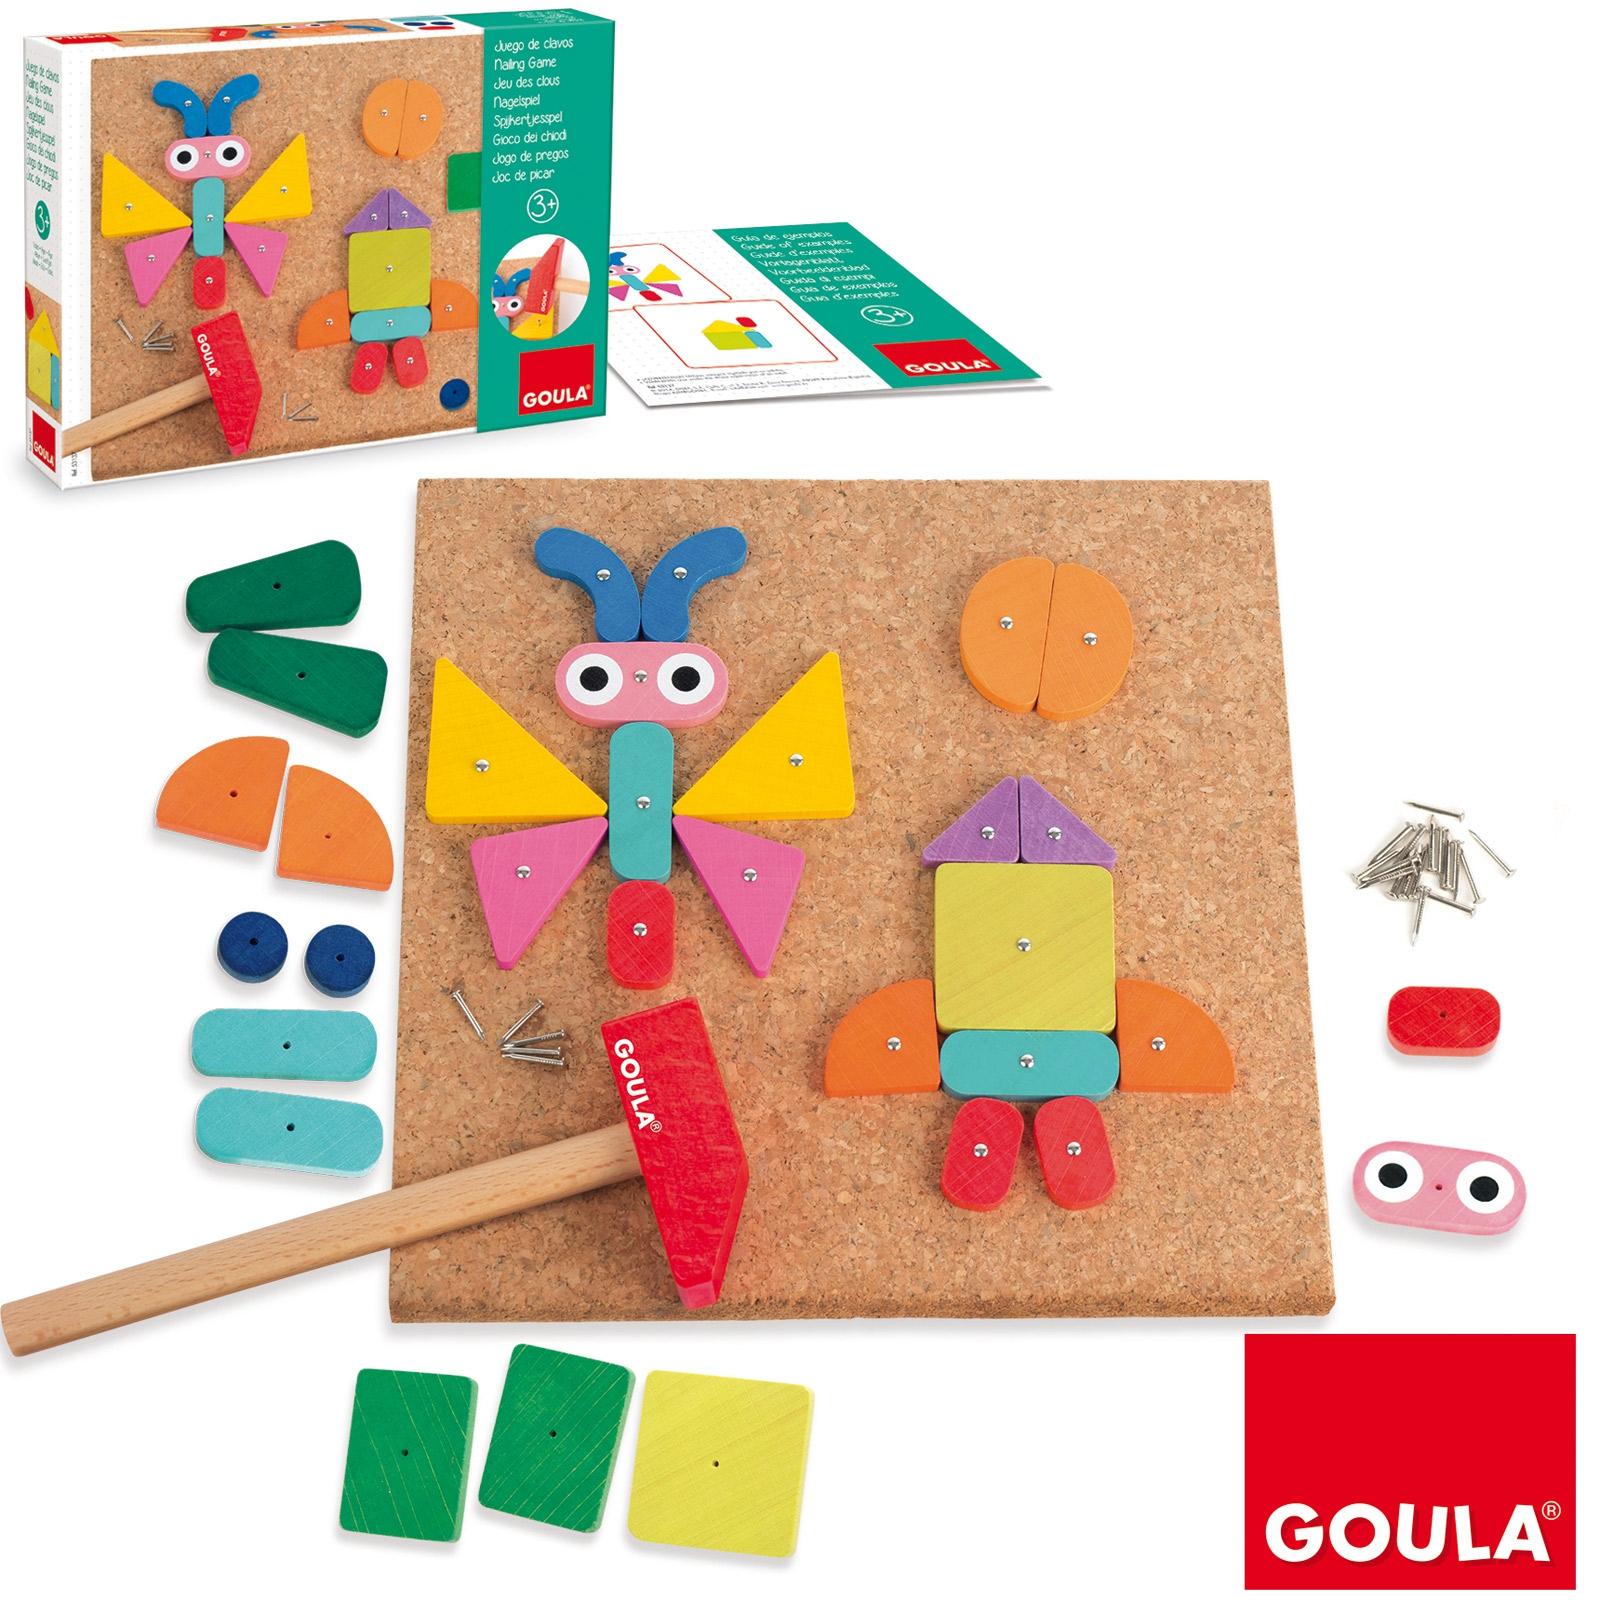 Idées Cadeaux Montessori Pour Enfants De 18 Mois À 3 Ans encequiconcerne Jeux Pour Garcon 3 Ans